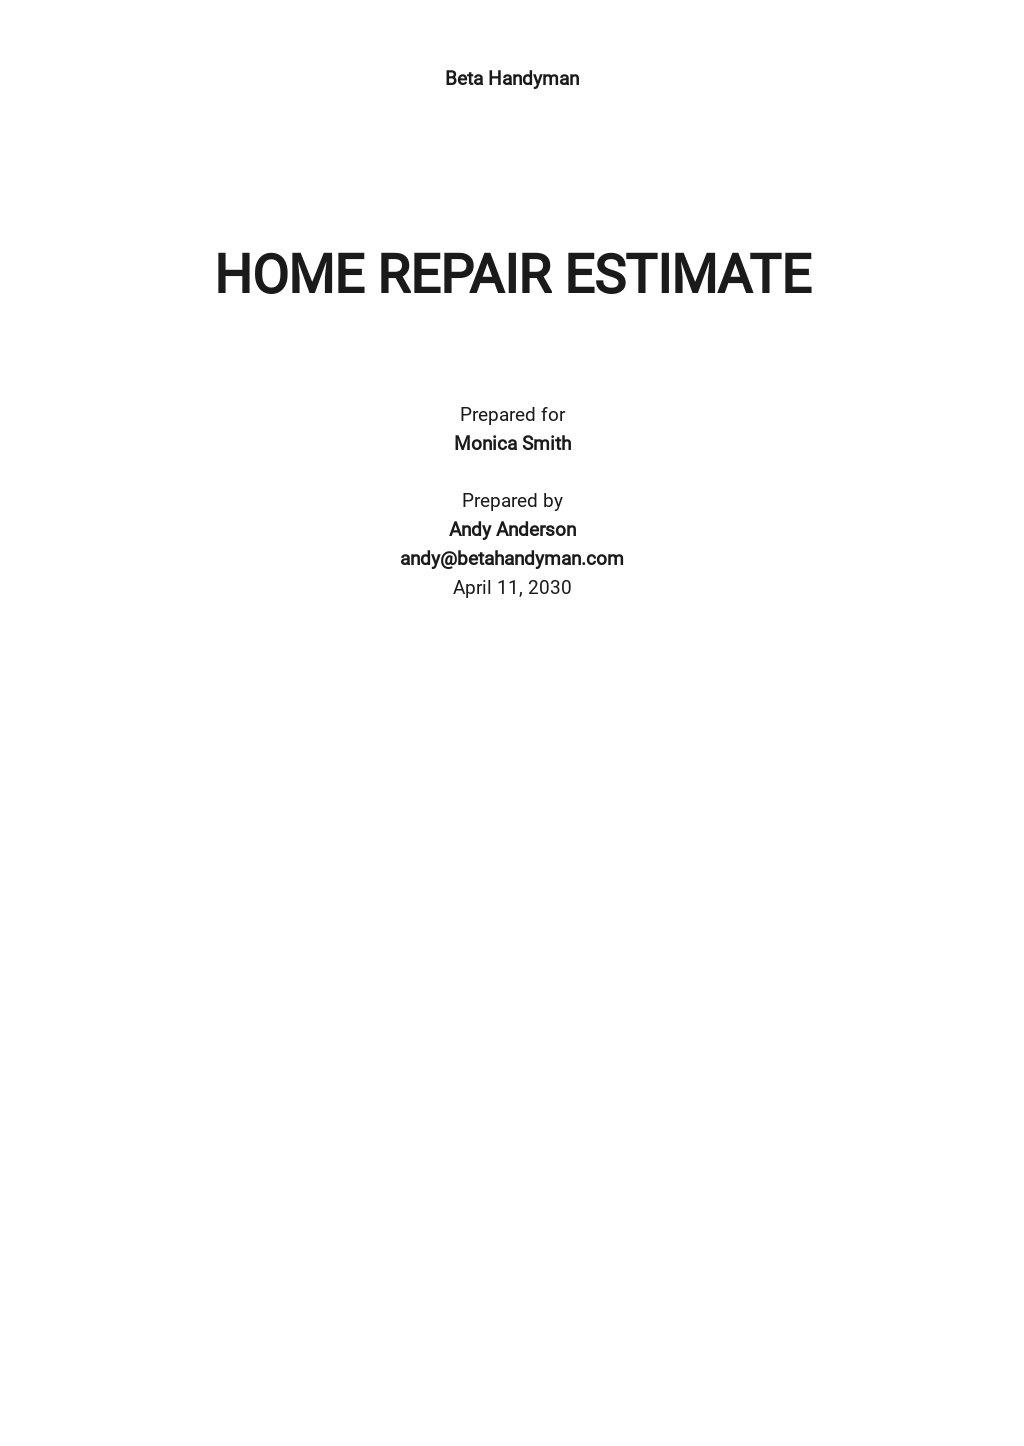 Free Home Repair Estimate Template.jpe